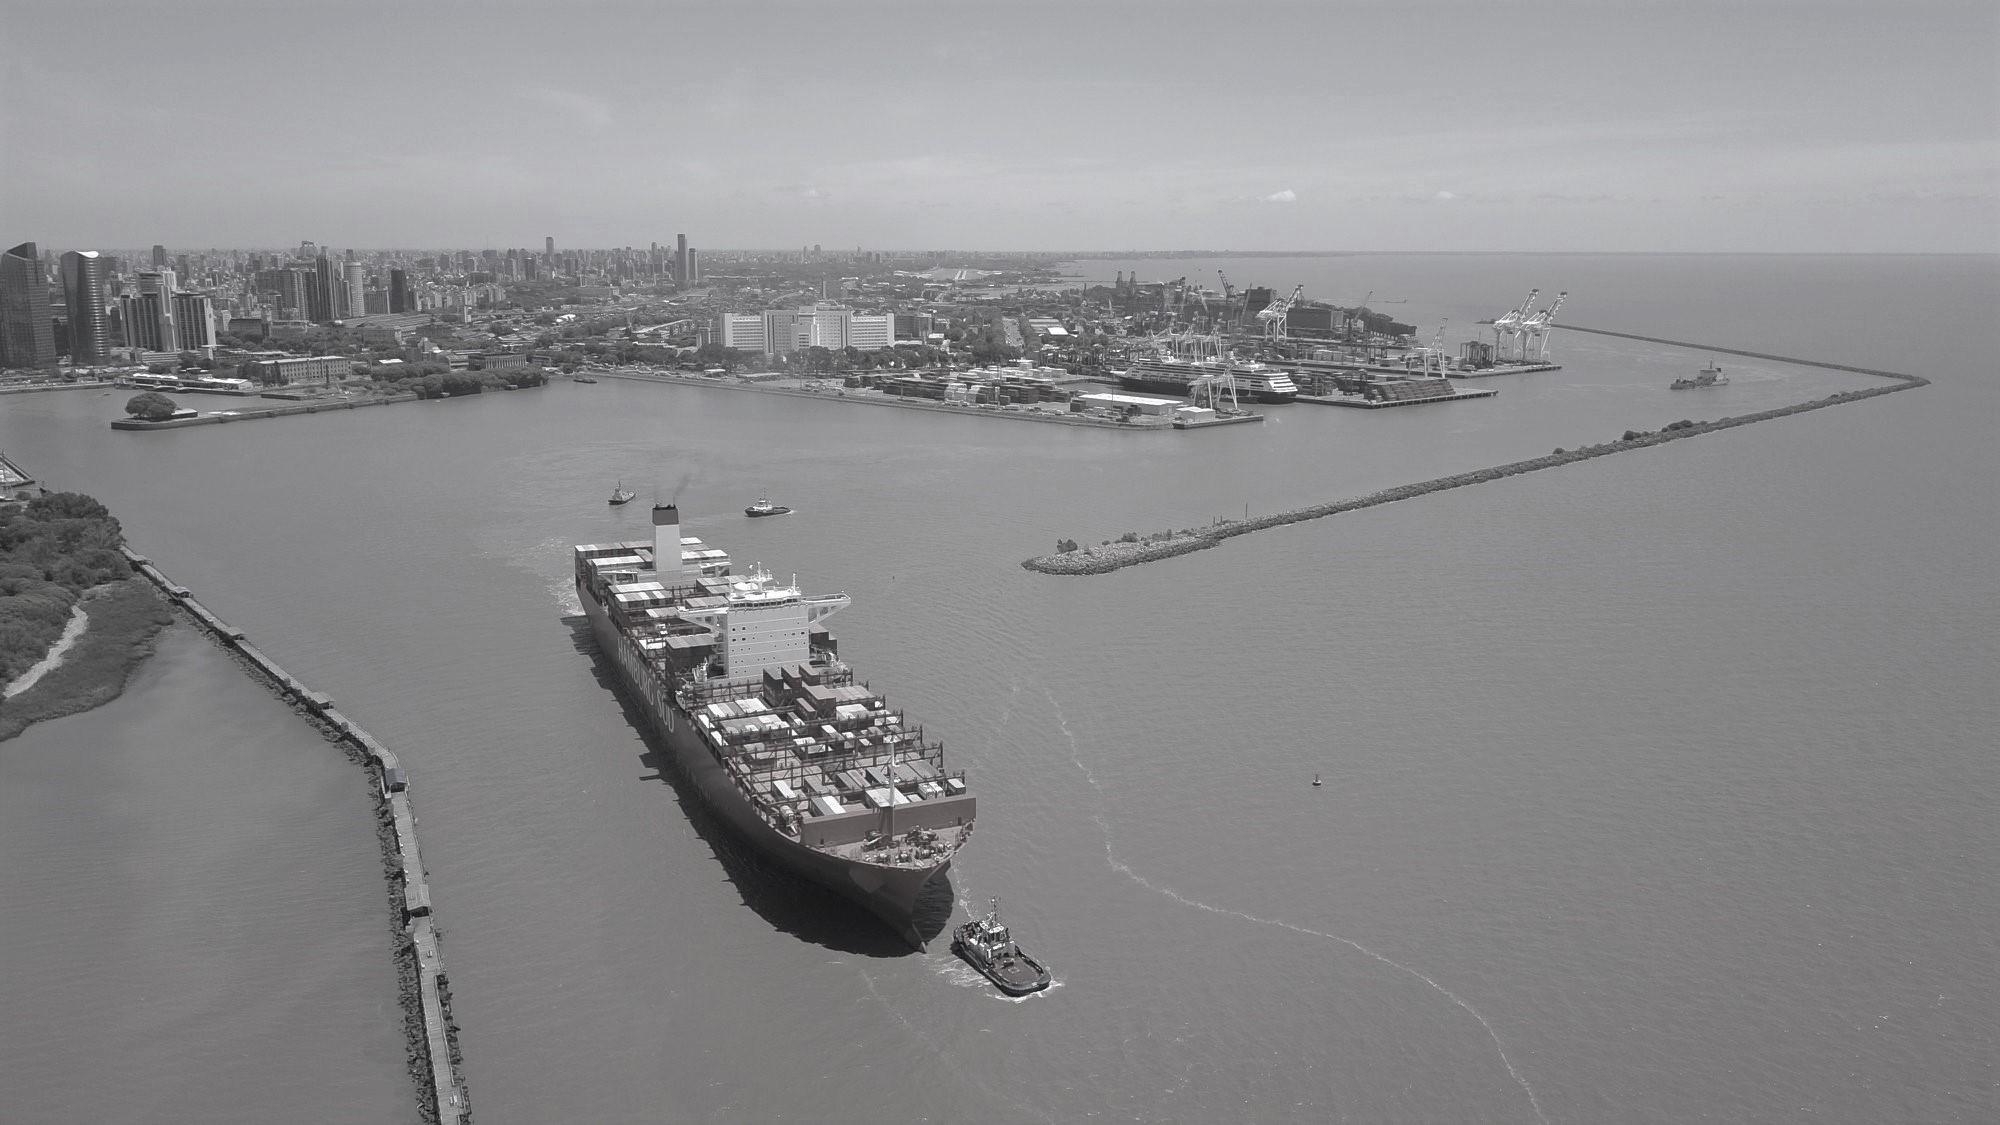 Adiós al Puerto: análisis de los accesos náuticos ante una eventual relocalización de las operaciones